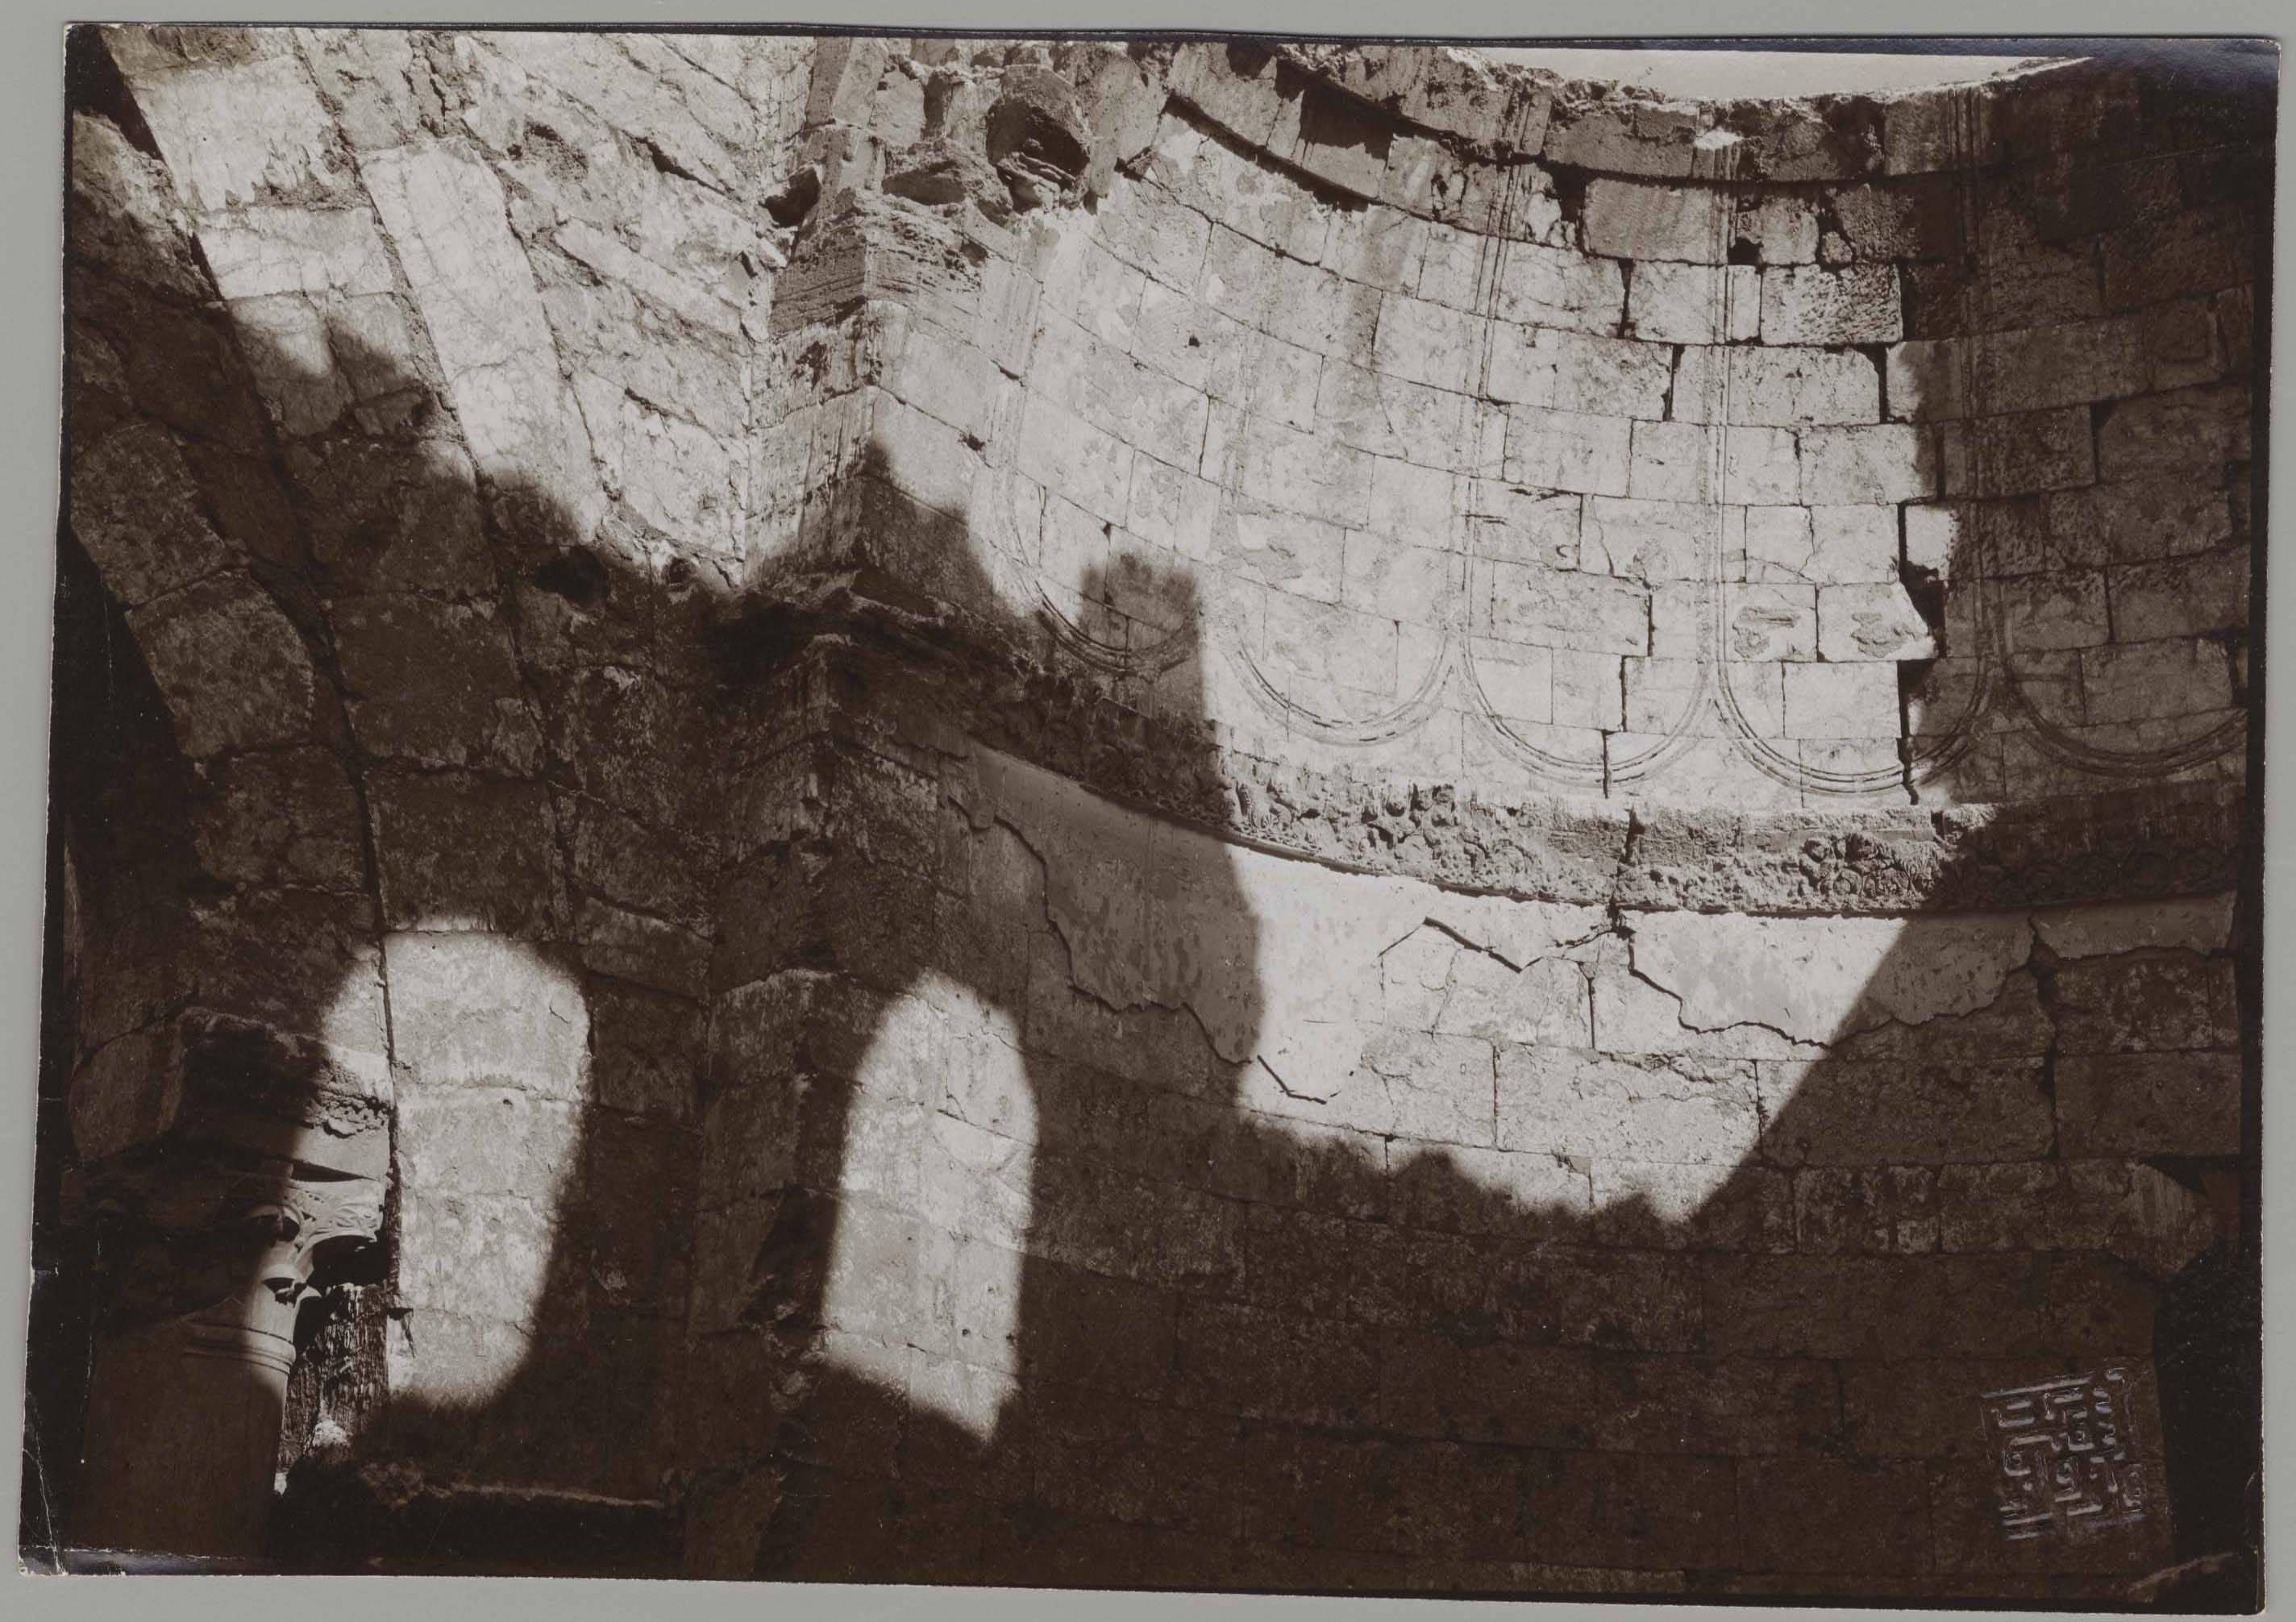 Сергиополис. Базилика Святого Сергия (Святой Сергий). Вид апсиды